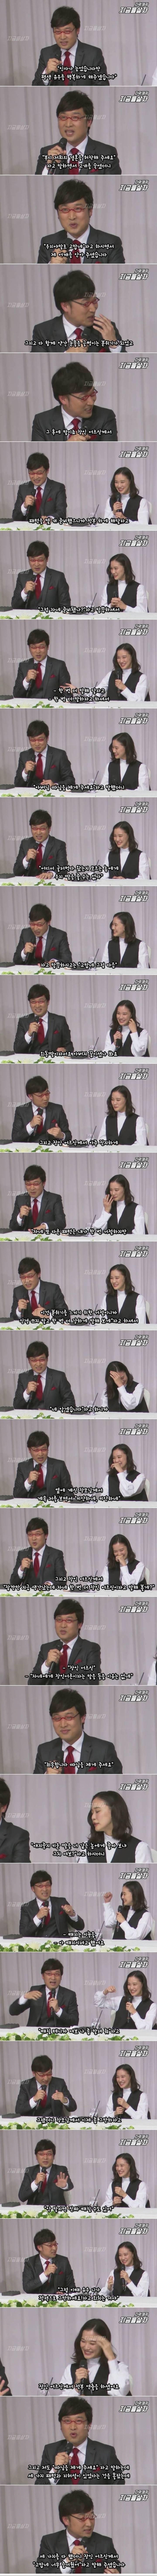 아오이 유우 집에 결혼허락 받으러 간 일본 개그맨.jpg | 인스티즈